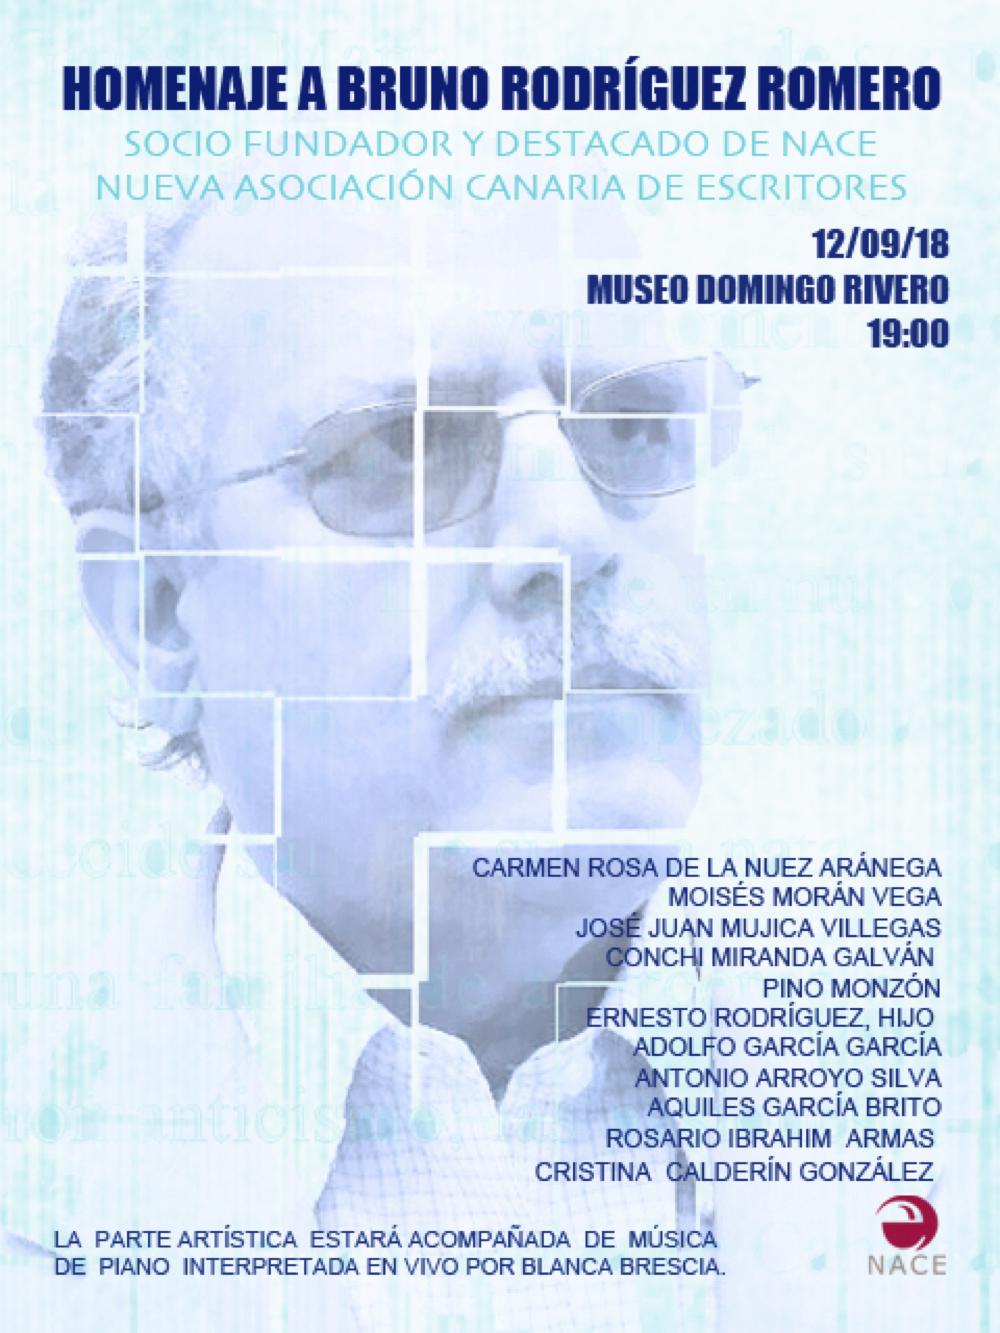 NACE Nueva Asociación Canaria de Escritores